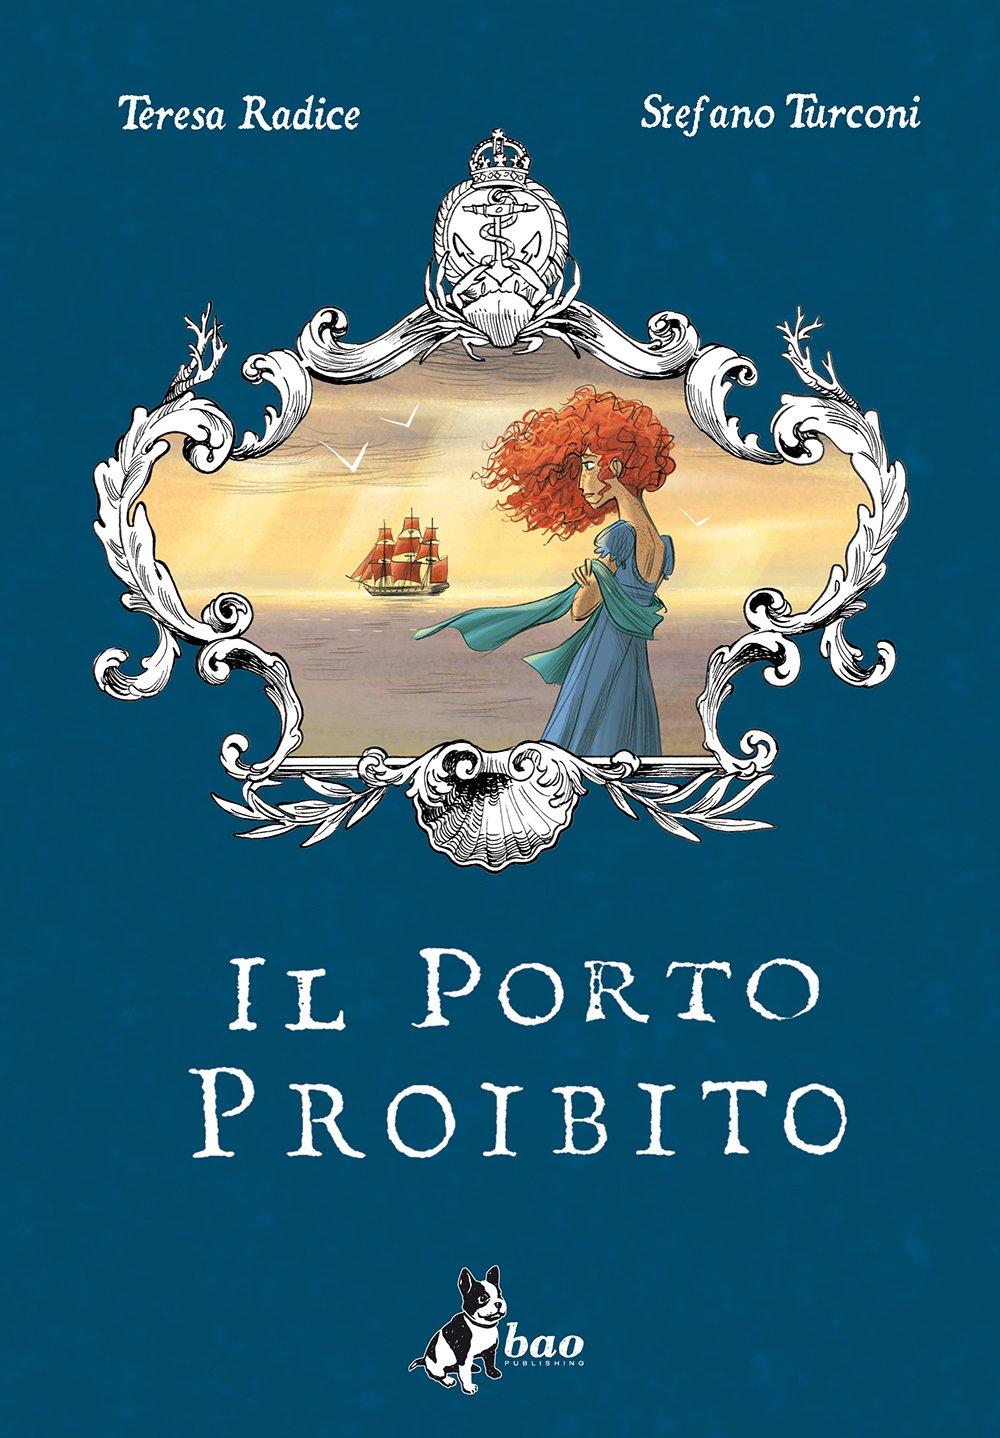 Il porto proibito, di Teresa Radice e Stefano Turconi - BAO Publishing